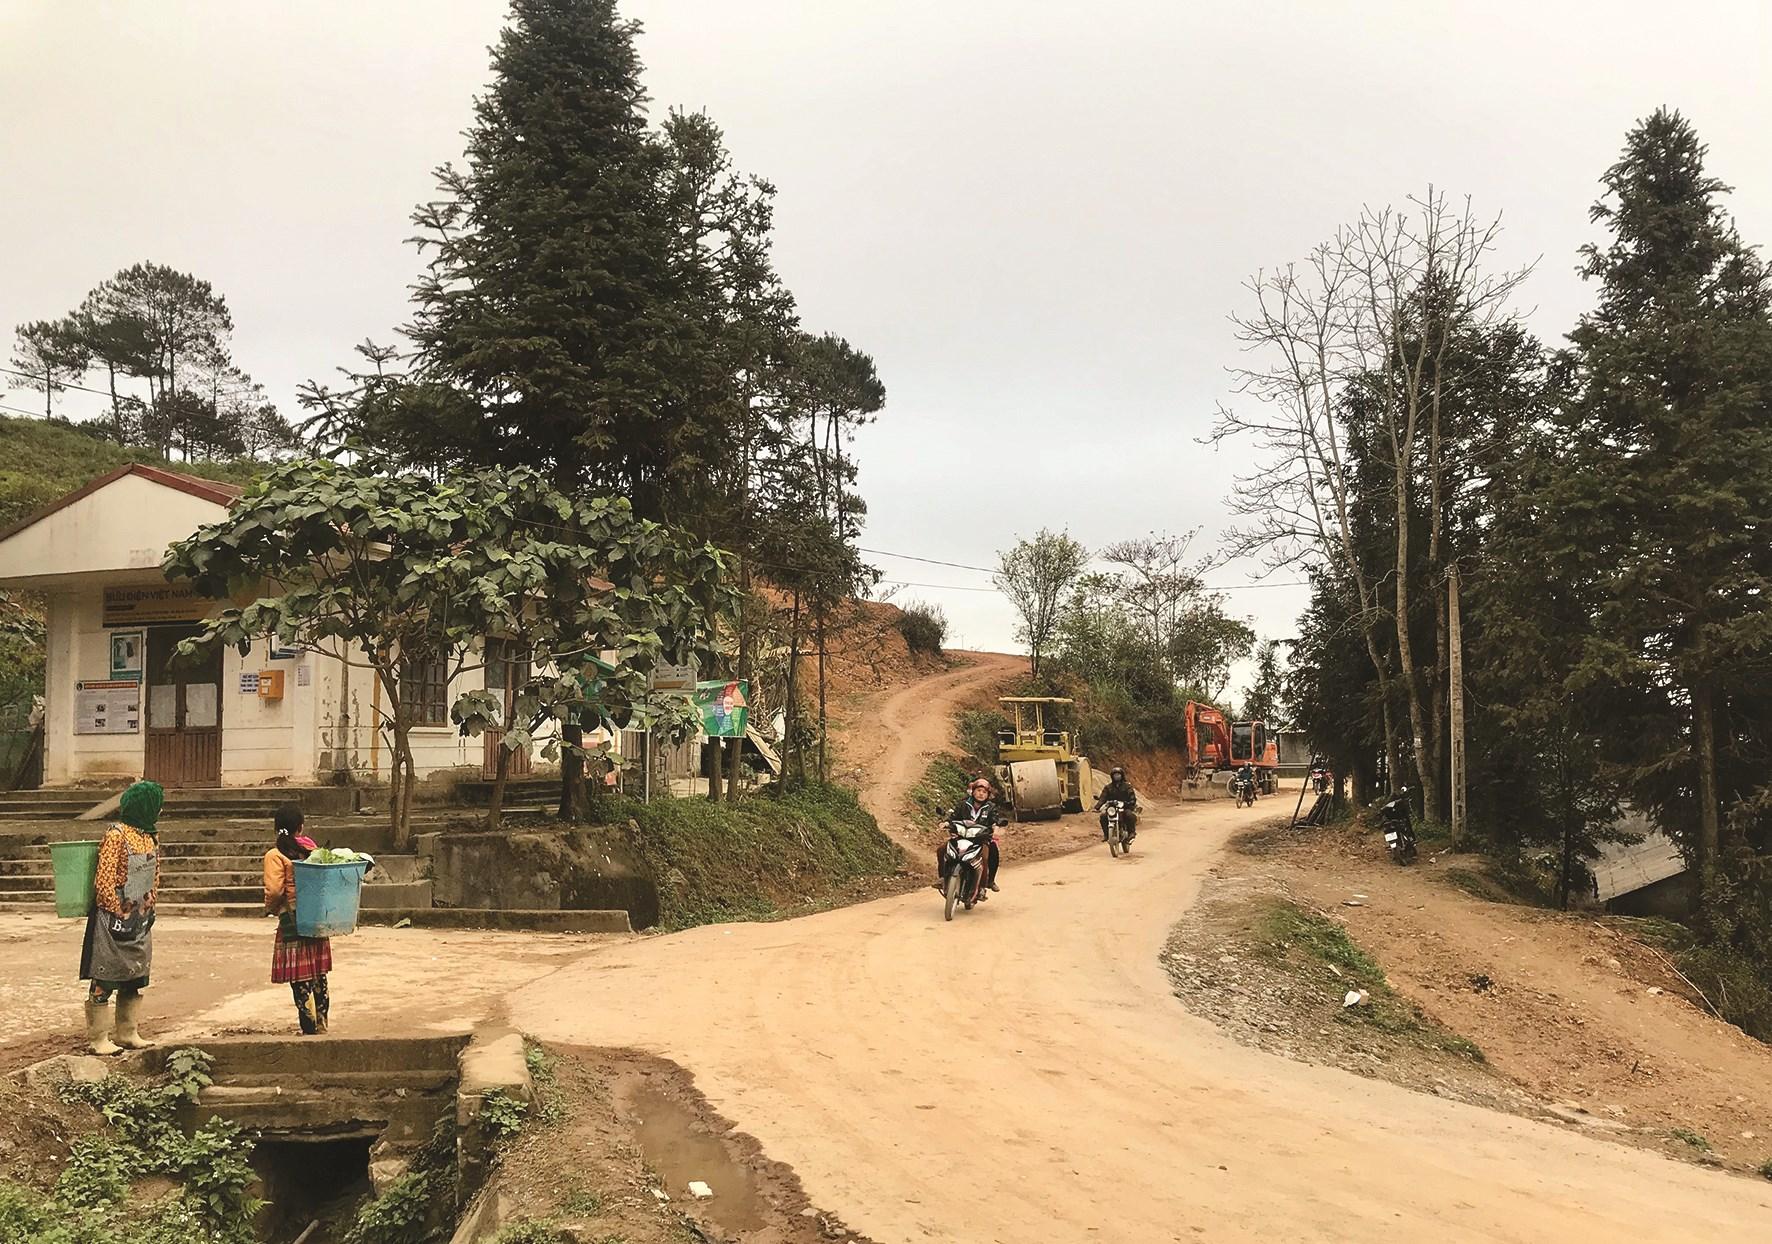 Gian khó vẫn còn hiện hữu trên nhiều bản làng vùng đồng bào DTTS tỉnh Hà Giang